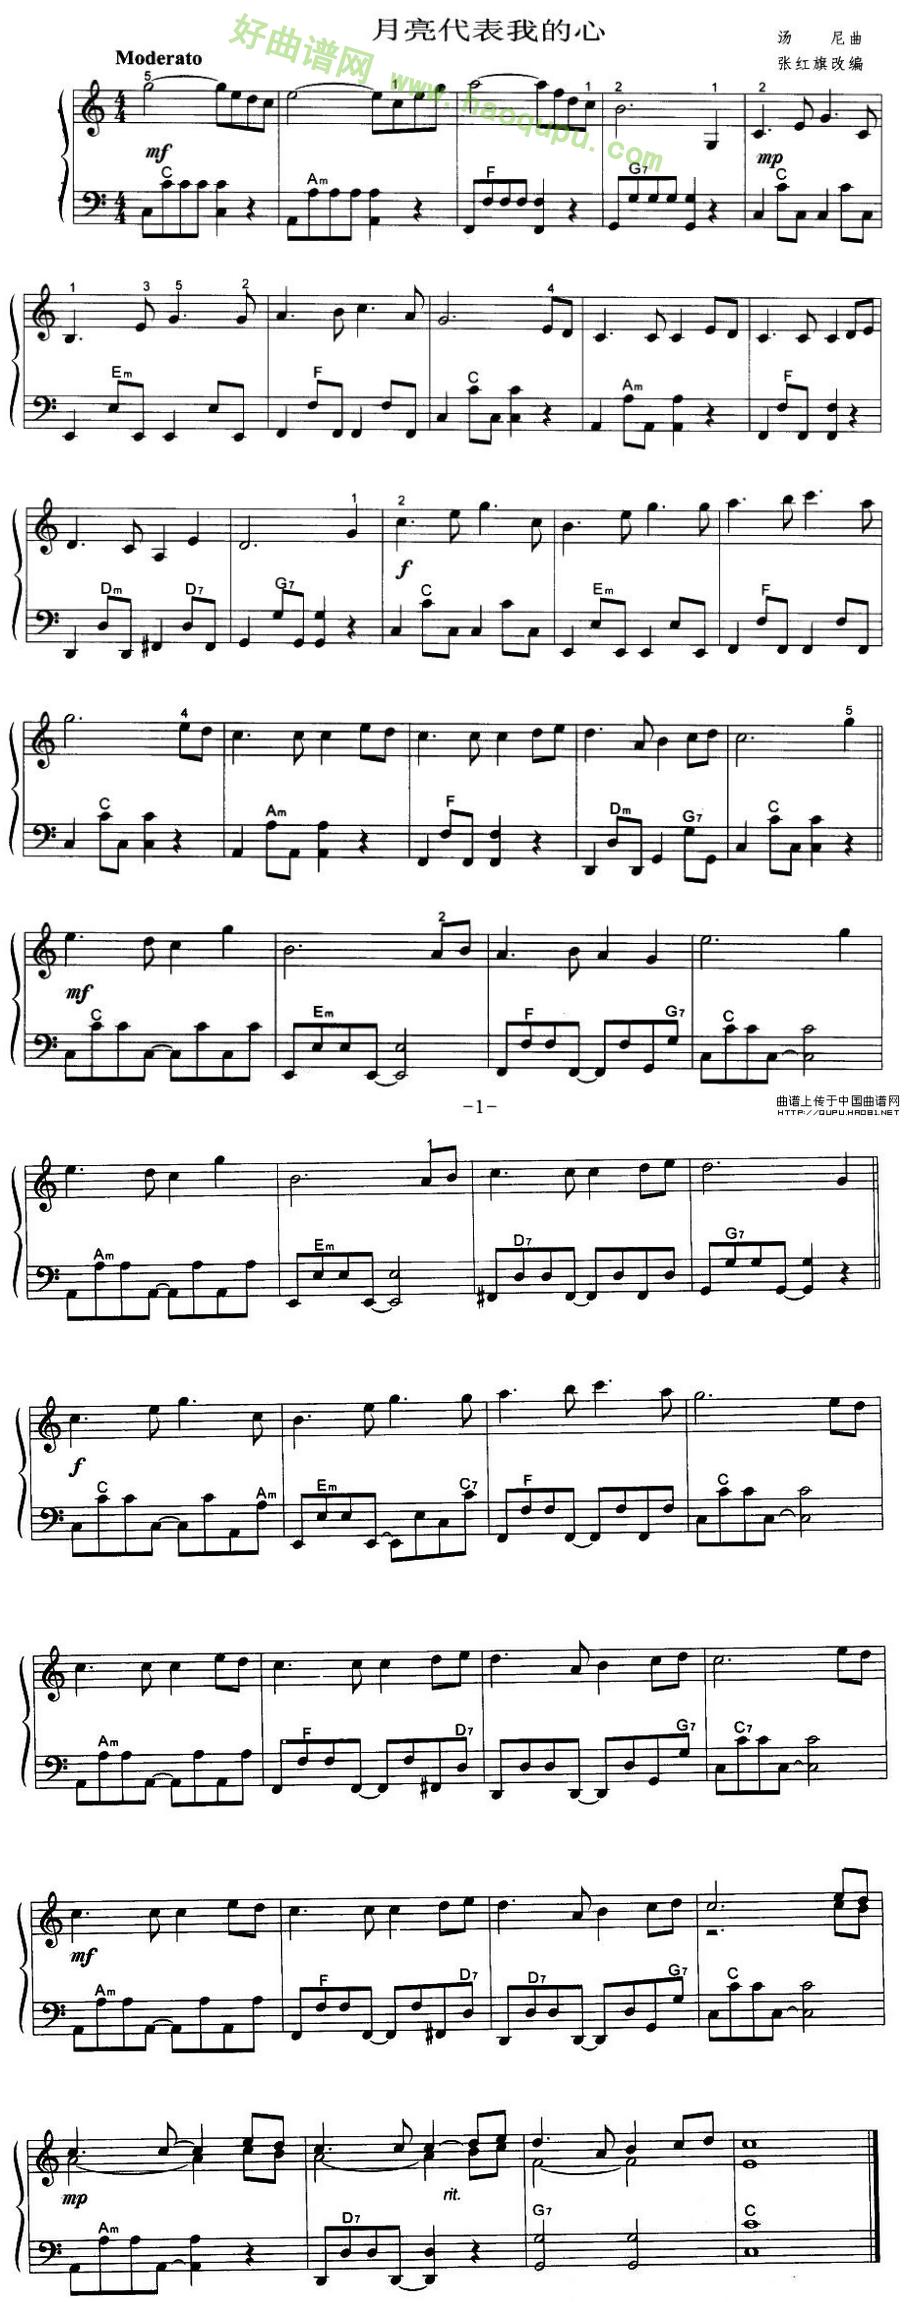 《月亮代表我的心》 手风琴曲谱第1张